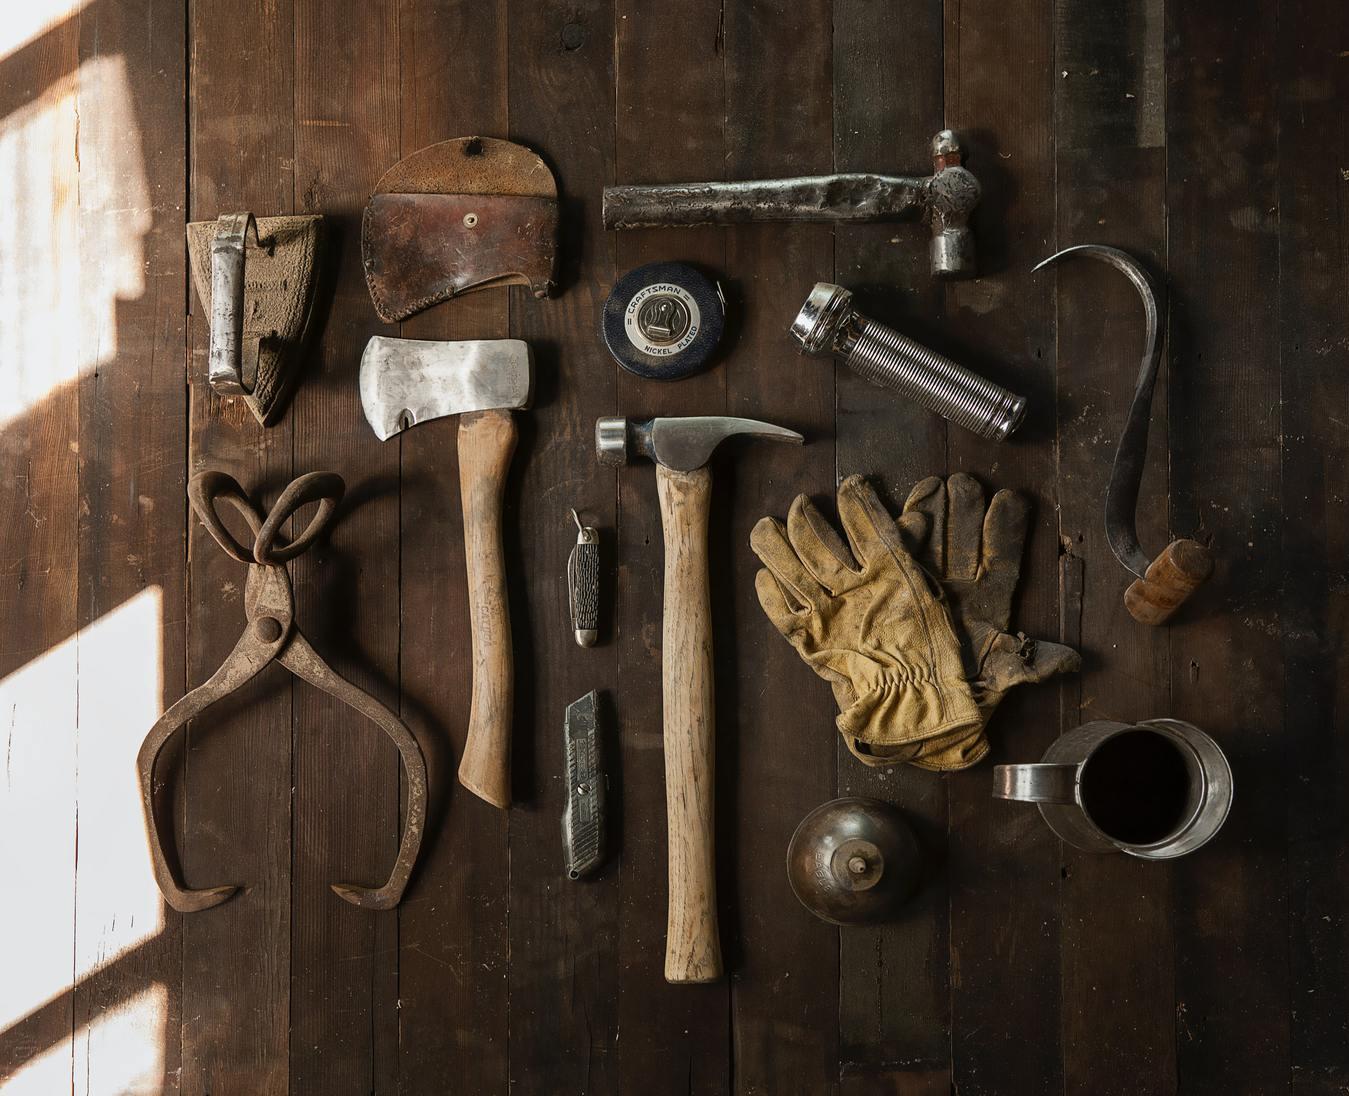 Narzędzia stolarskie na drewnianym podłożu